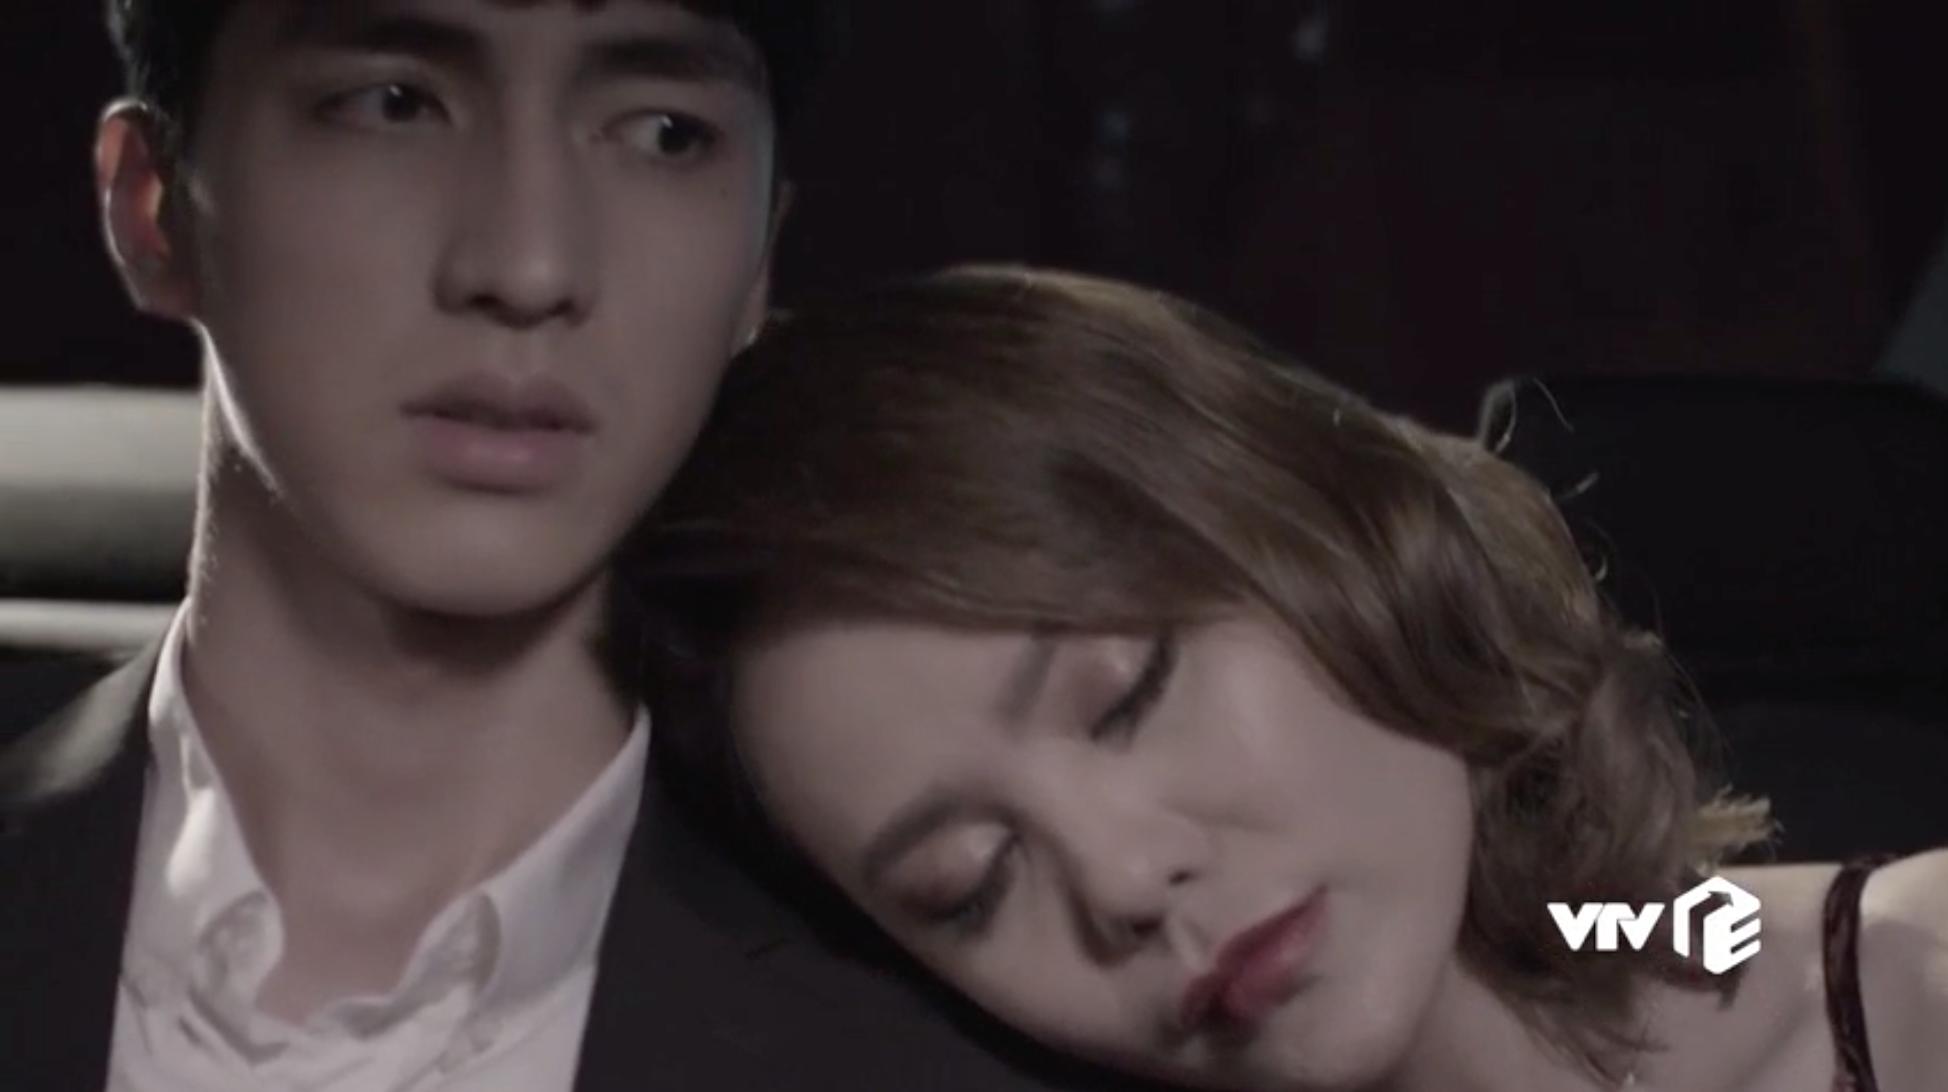 Chuyện lạ màn ảnh Việt: Hot boy Bình An đóng 3 phim cùng lúc nhưng nhân vật lại có tính cách và số phận... giống hệt nhau? - Ảnh 3.